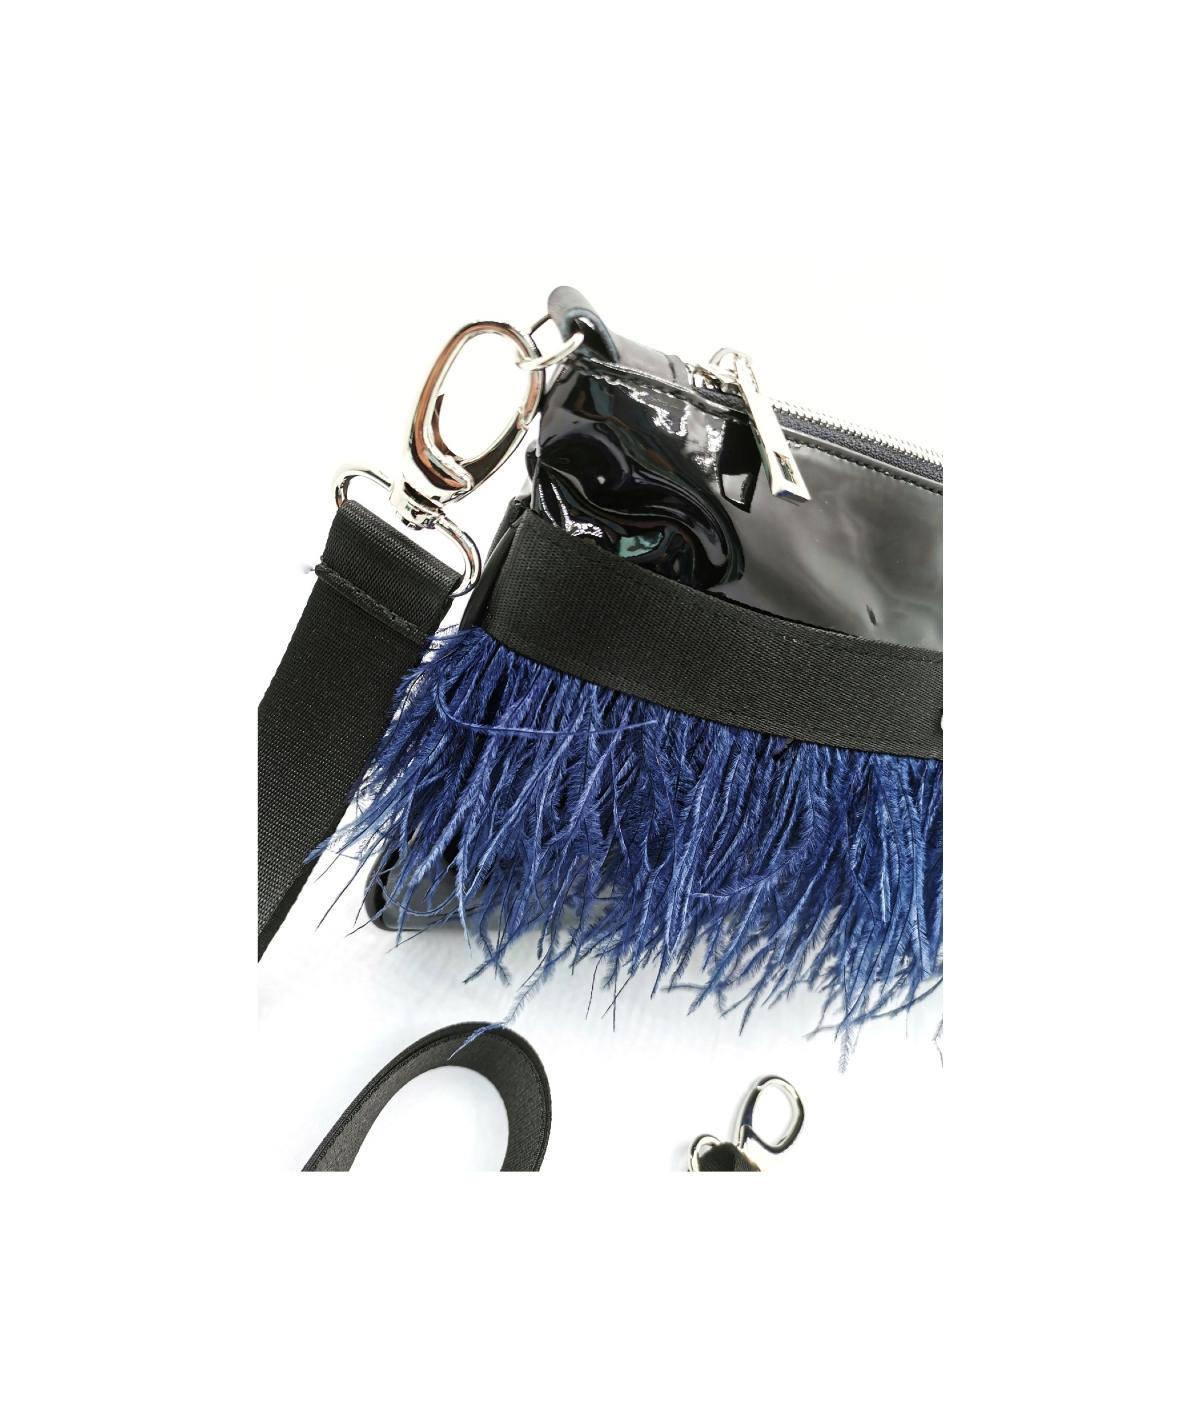 borsa-nera-piuma-blu-dettaglio